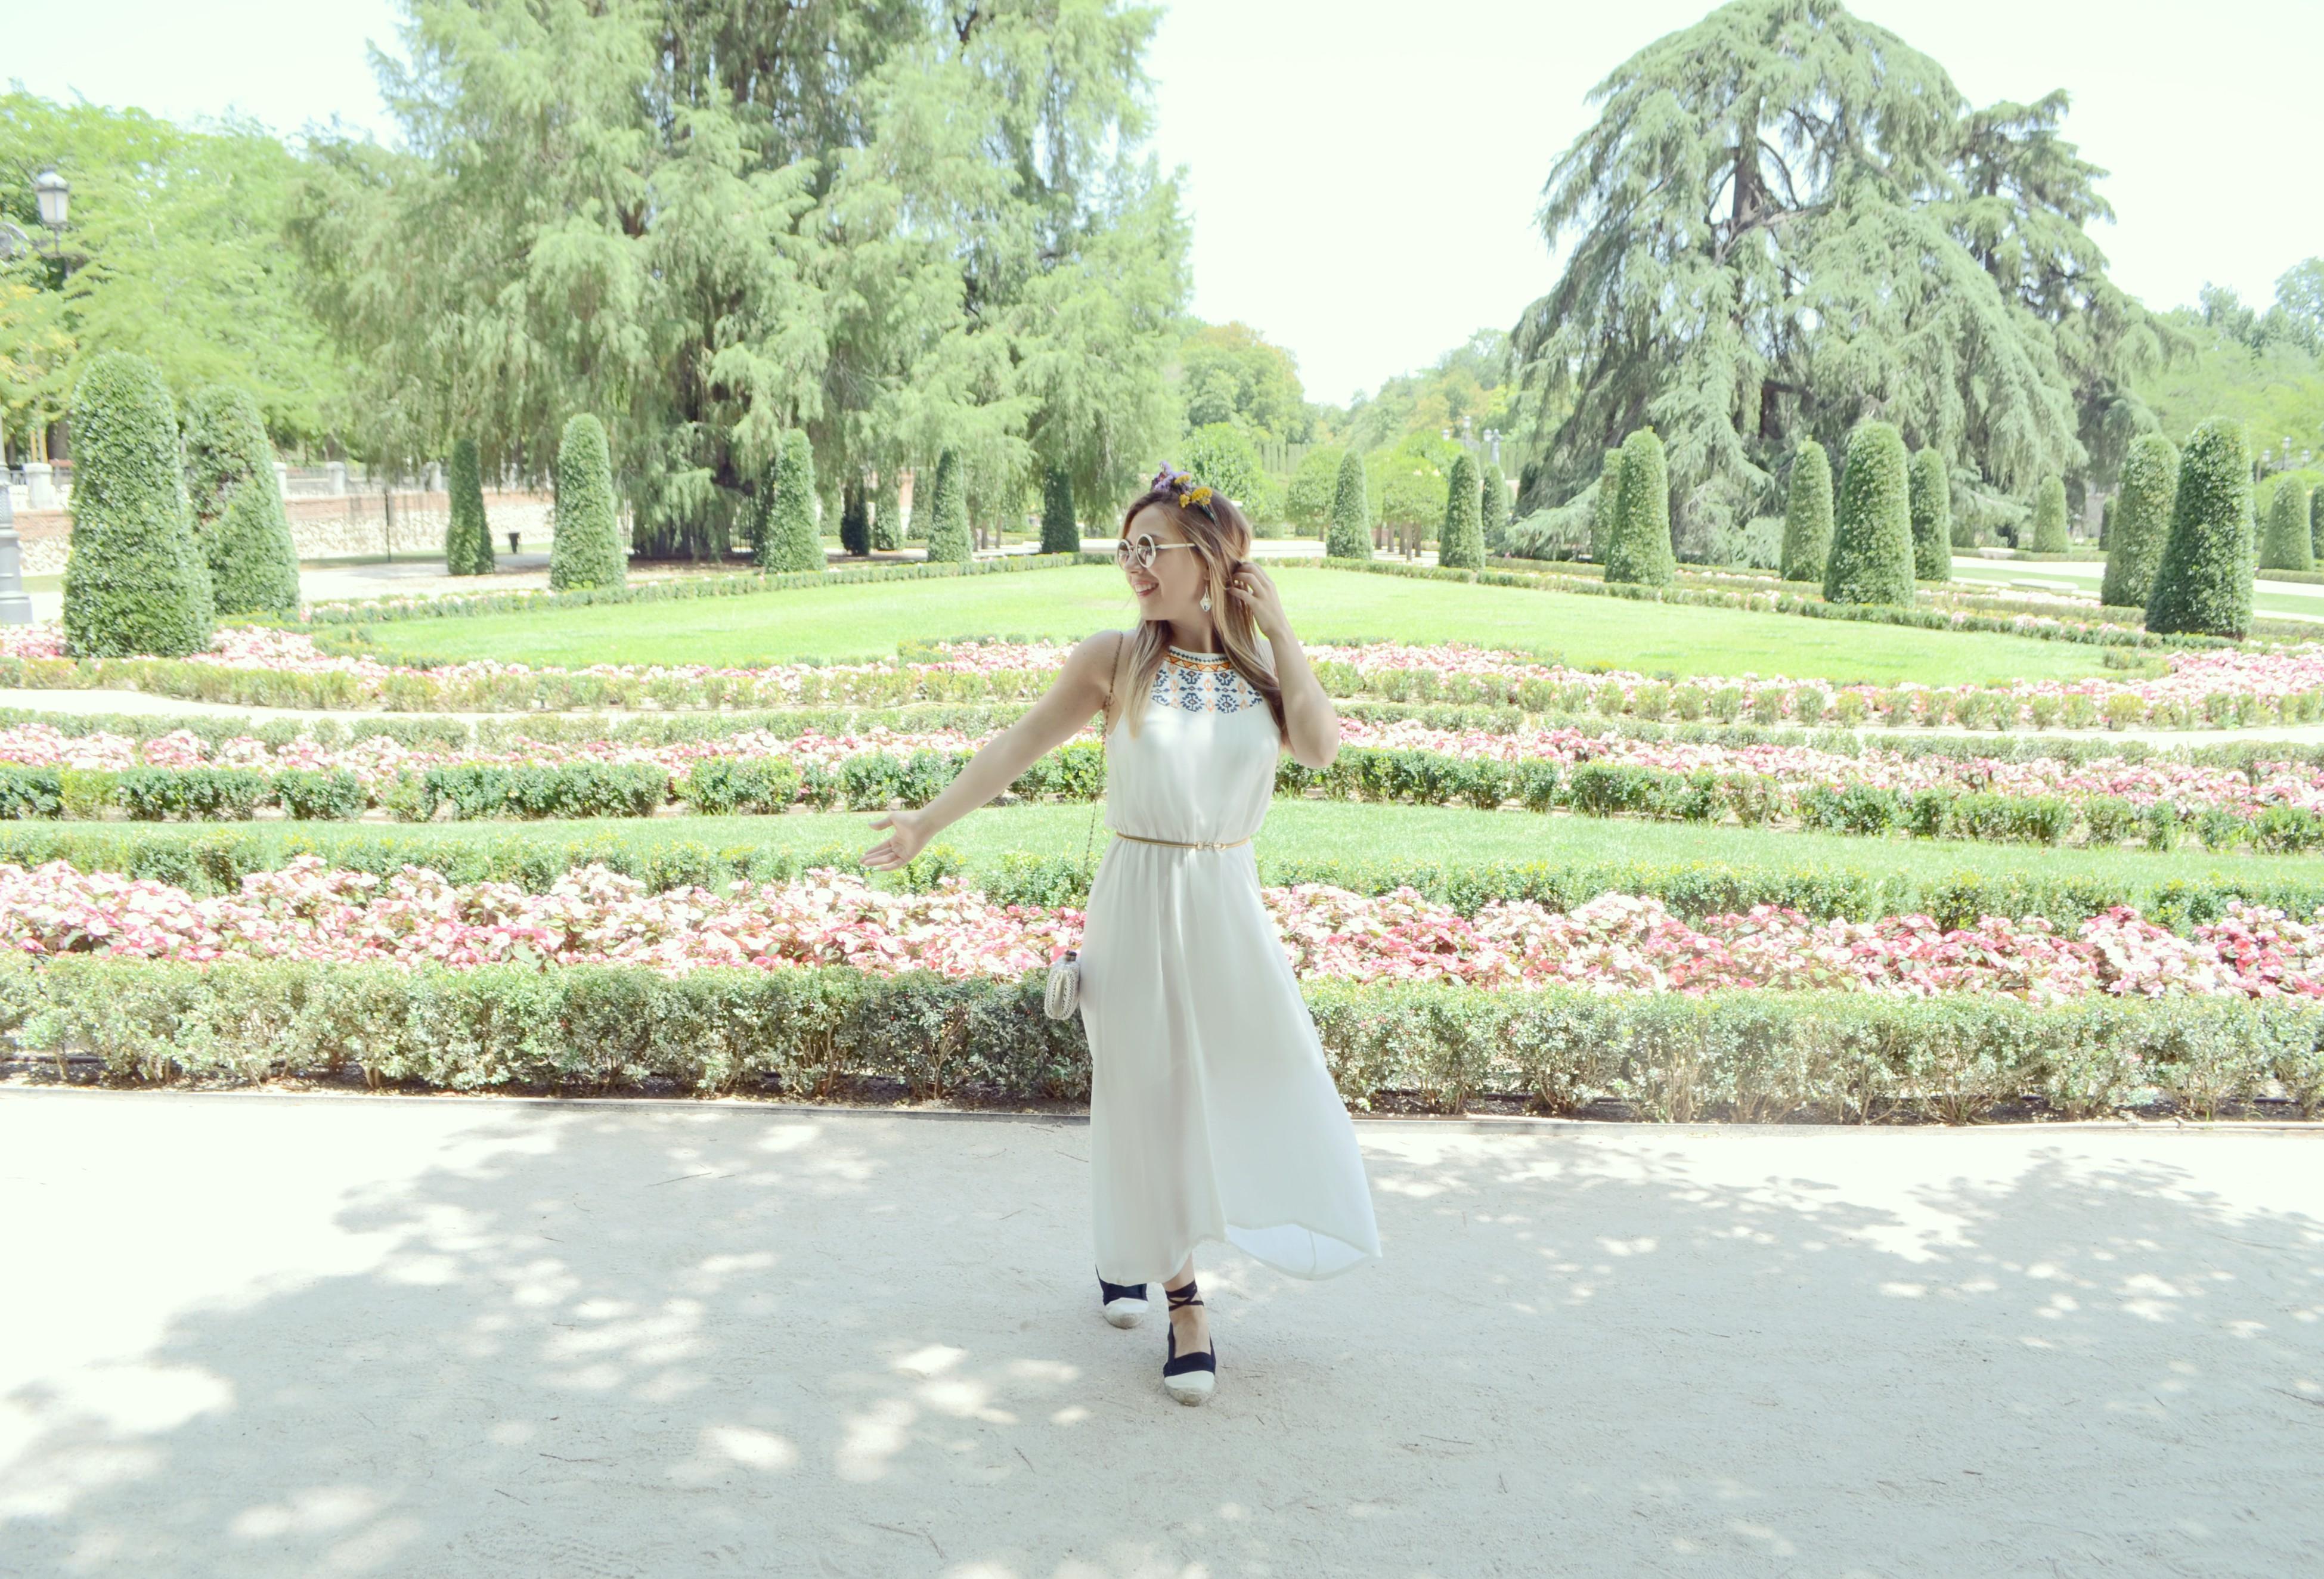 ChicAdicta-influencer-Madrid-Chic-Adicta-blog-de-moda-vestidos-largos-de-verano-Surkana-hippie-style-look-con-alpargatas-PiensaenChic-Piensa-en-Chic